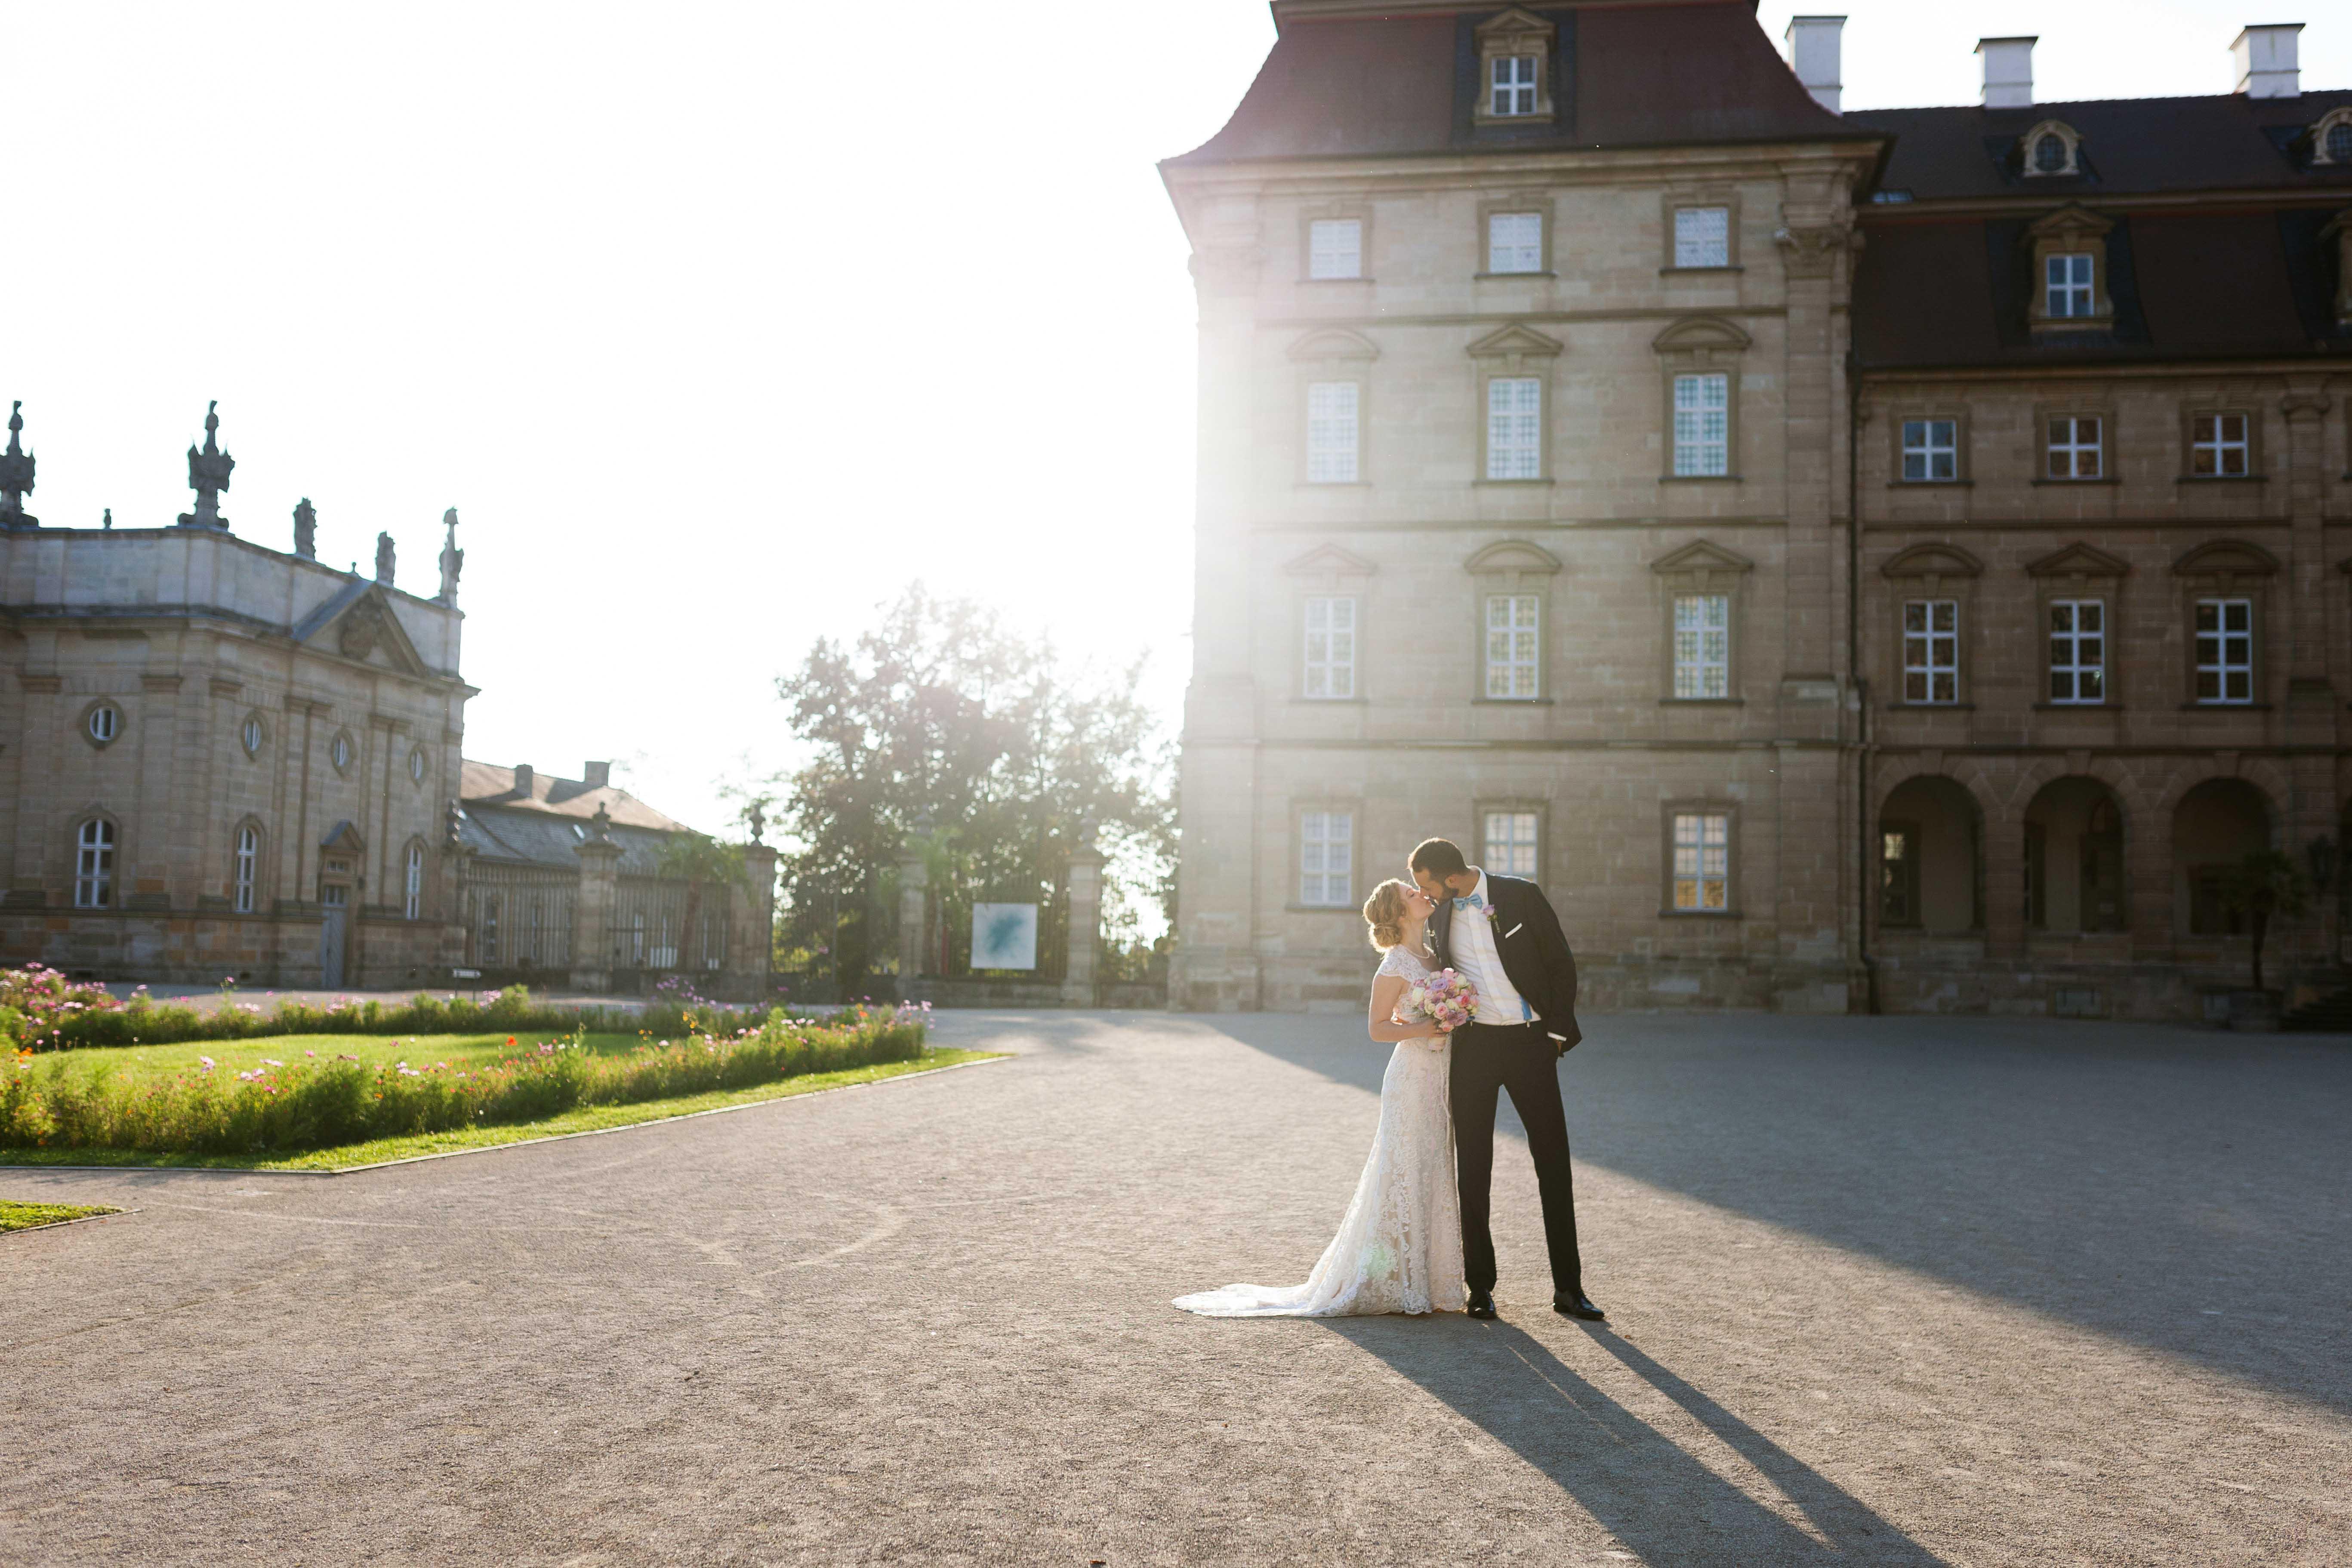 Schlossbauernhof Stolzenroth